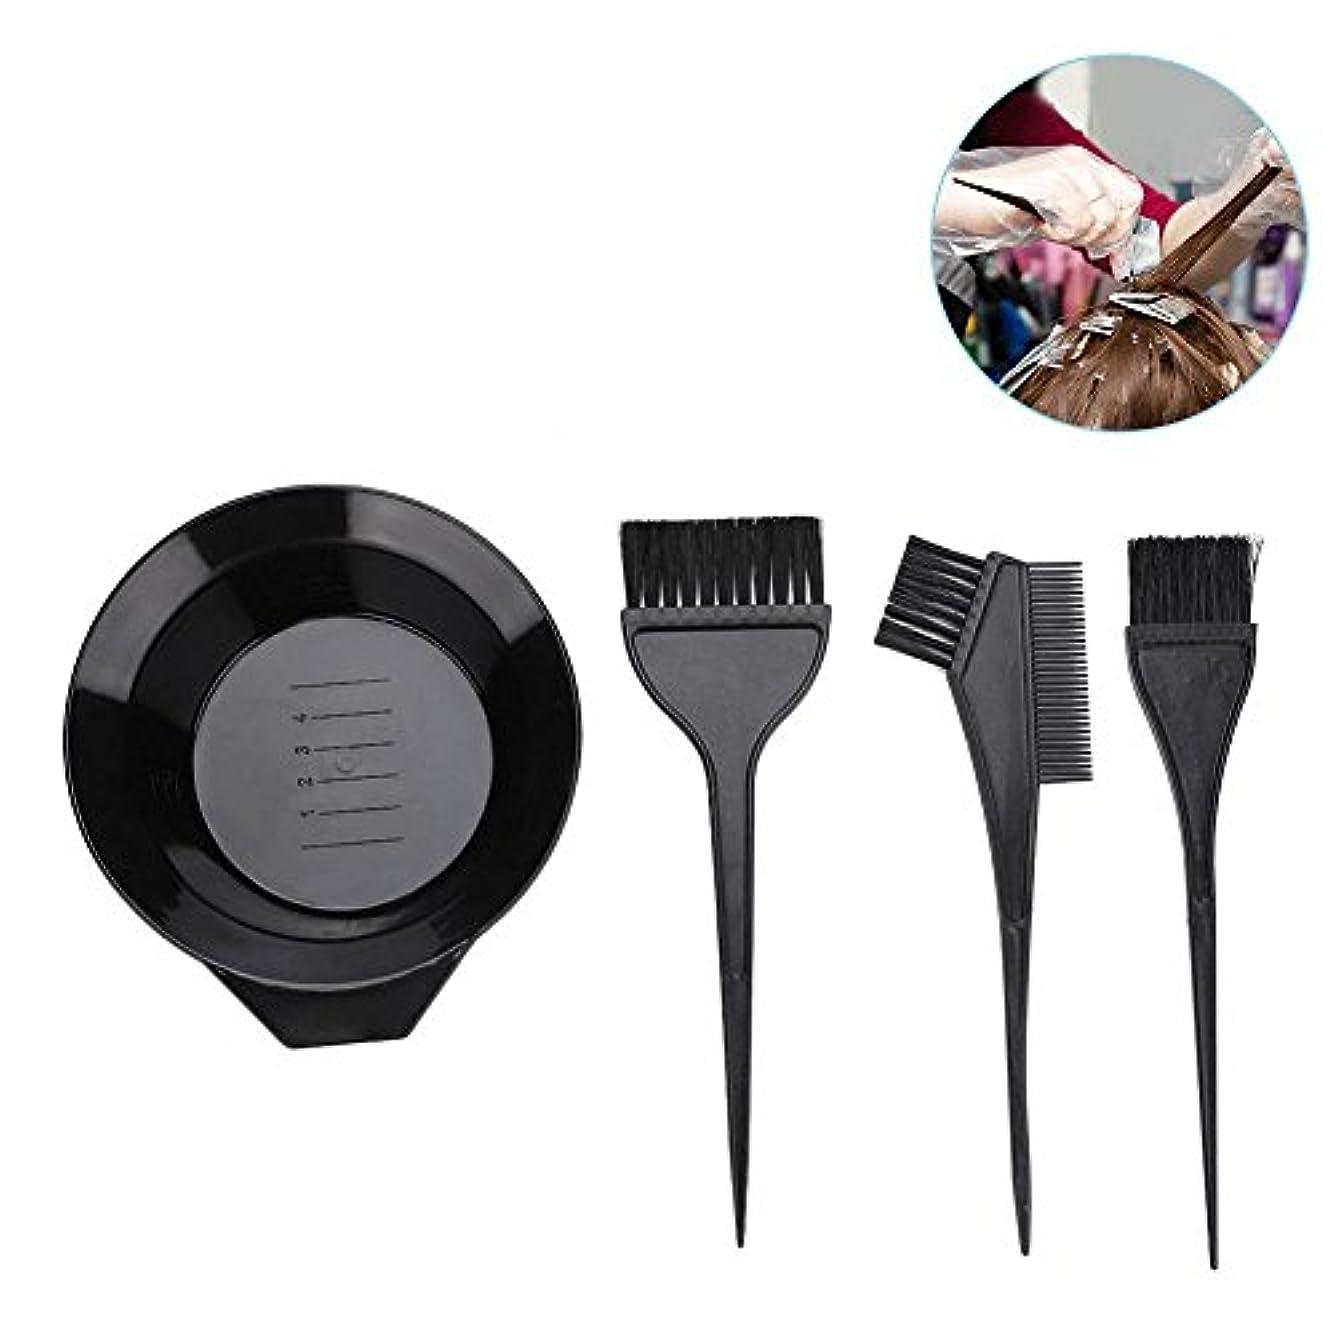 デイジーシリンダーバケット染毛キット、ヘアカラーブラシとボウルセット4ピースプロフェッショナルヘアサロン染色パーマ色合い漂白剤ツール